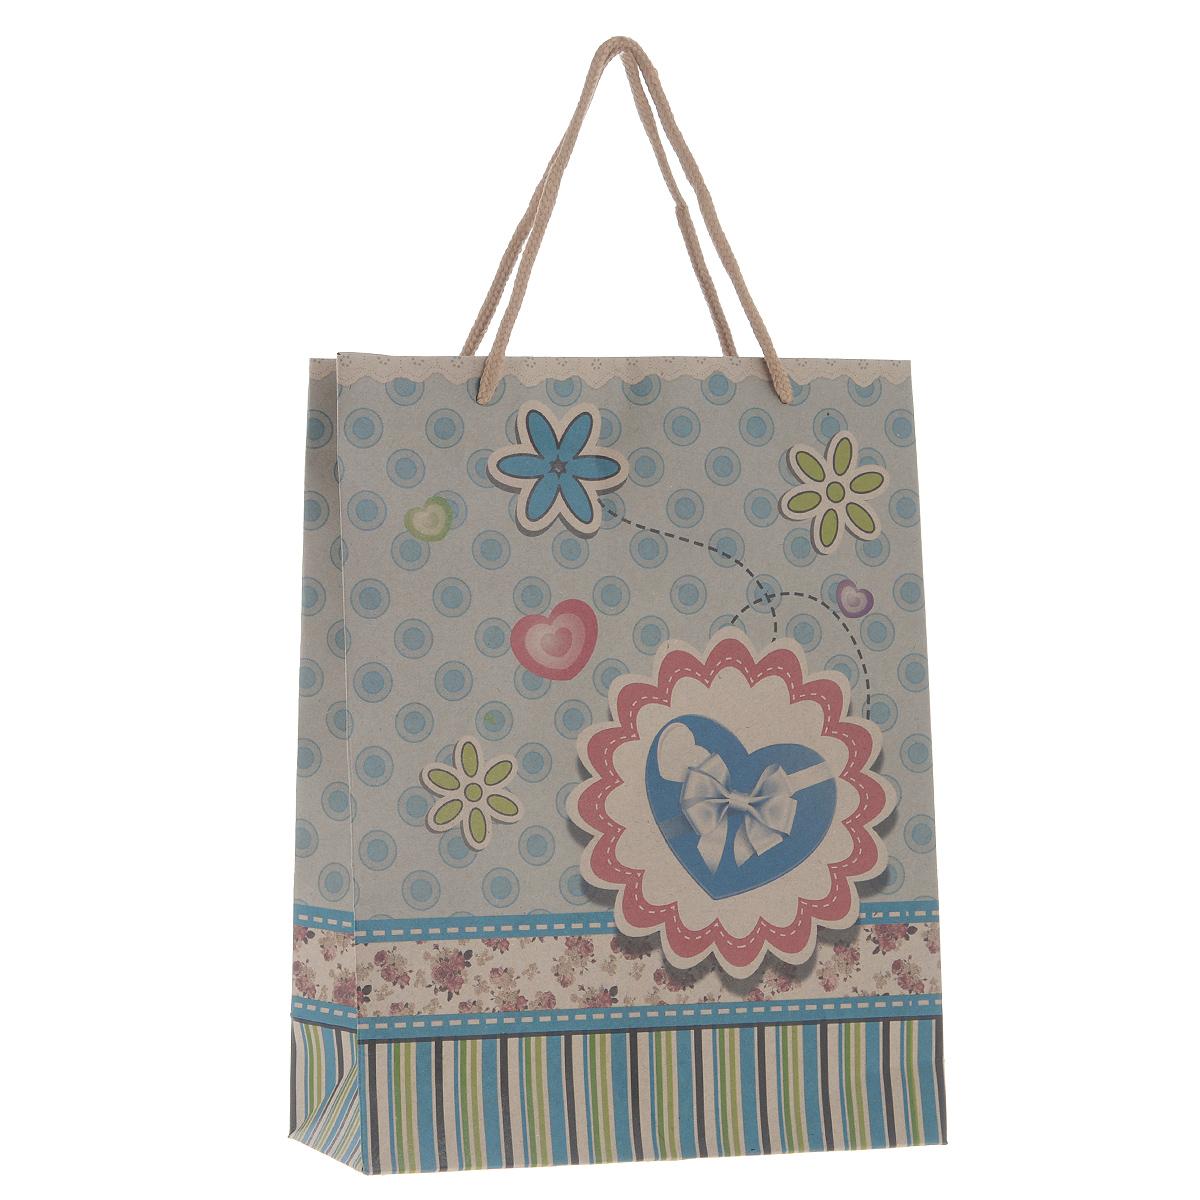 Пакет подарочный Голубое сердце, 19 х 24,5 х 8 см38874Подарочный пакет Голубое сердце, изготовленный из плотной бумаги, станет незаменимым дополнением к выбранному подарку. Дно изделия укреплено плотным картоном, который позволяет сохранить форму пакета и исключает возможность деформации дна под тяжестью подарка.Для удобной переноски на пакете имеются две ручки из шнурков.Подарок, преподнесенный в оригинальной упаковке, всегда будет самым эффектным и запоминающимся. Окружите близких людей вниманием и заботой, вручив презент в нарядном, праздничном оформлении.